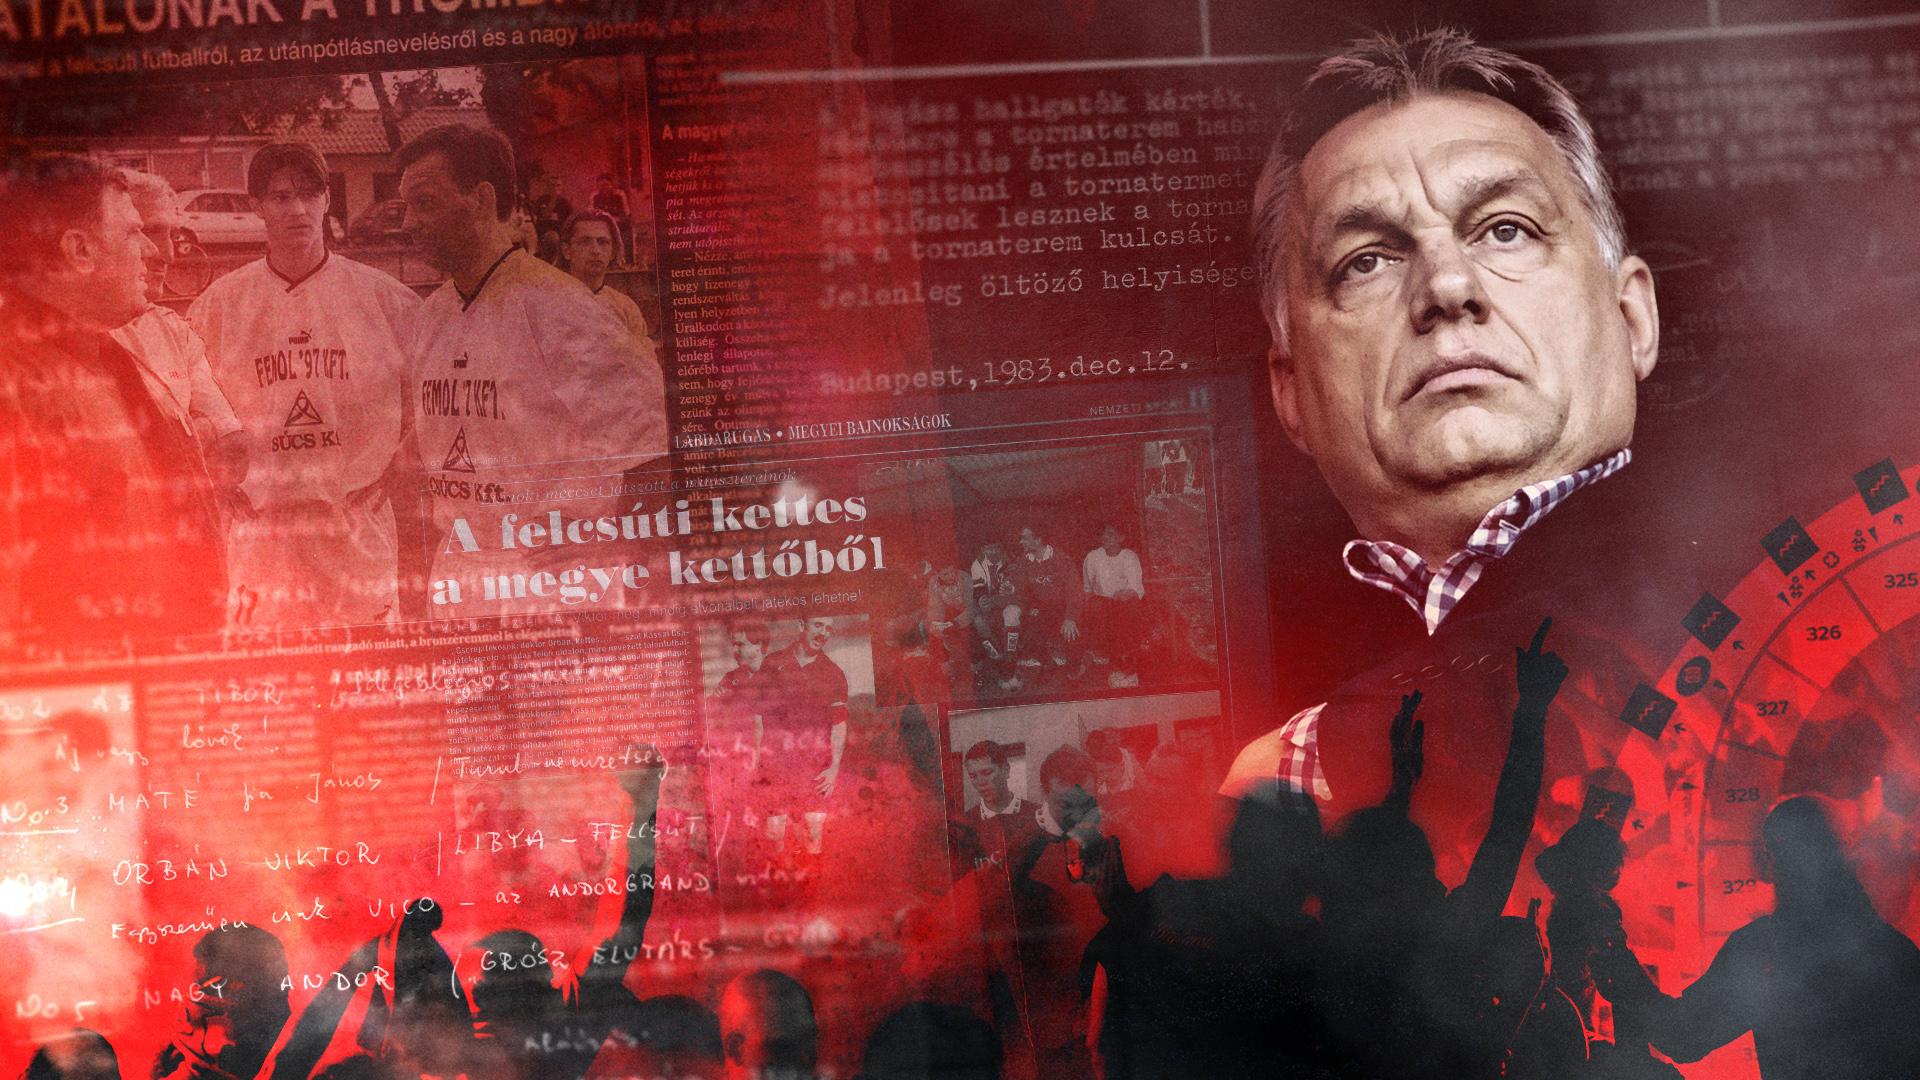 Győzelmi kényszer – a 444 új könyve Orbán focijáról